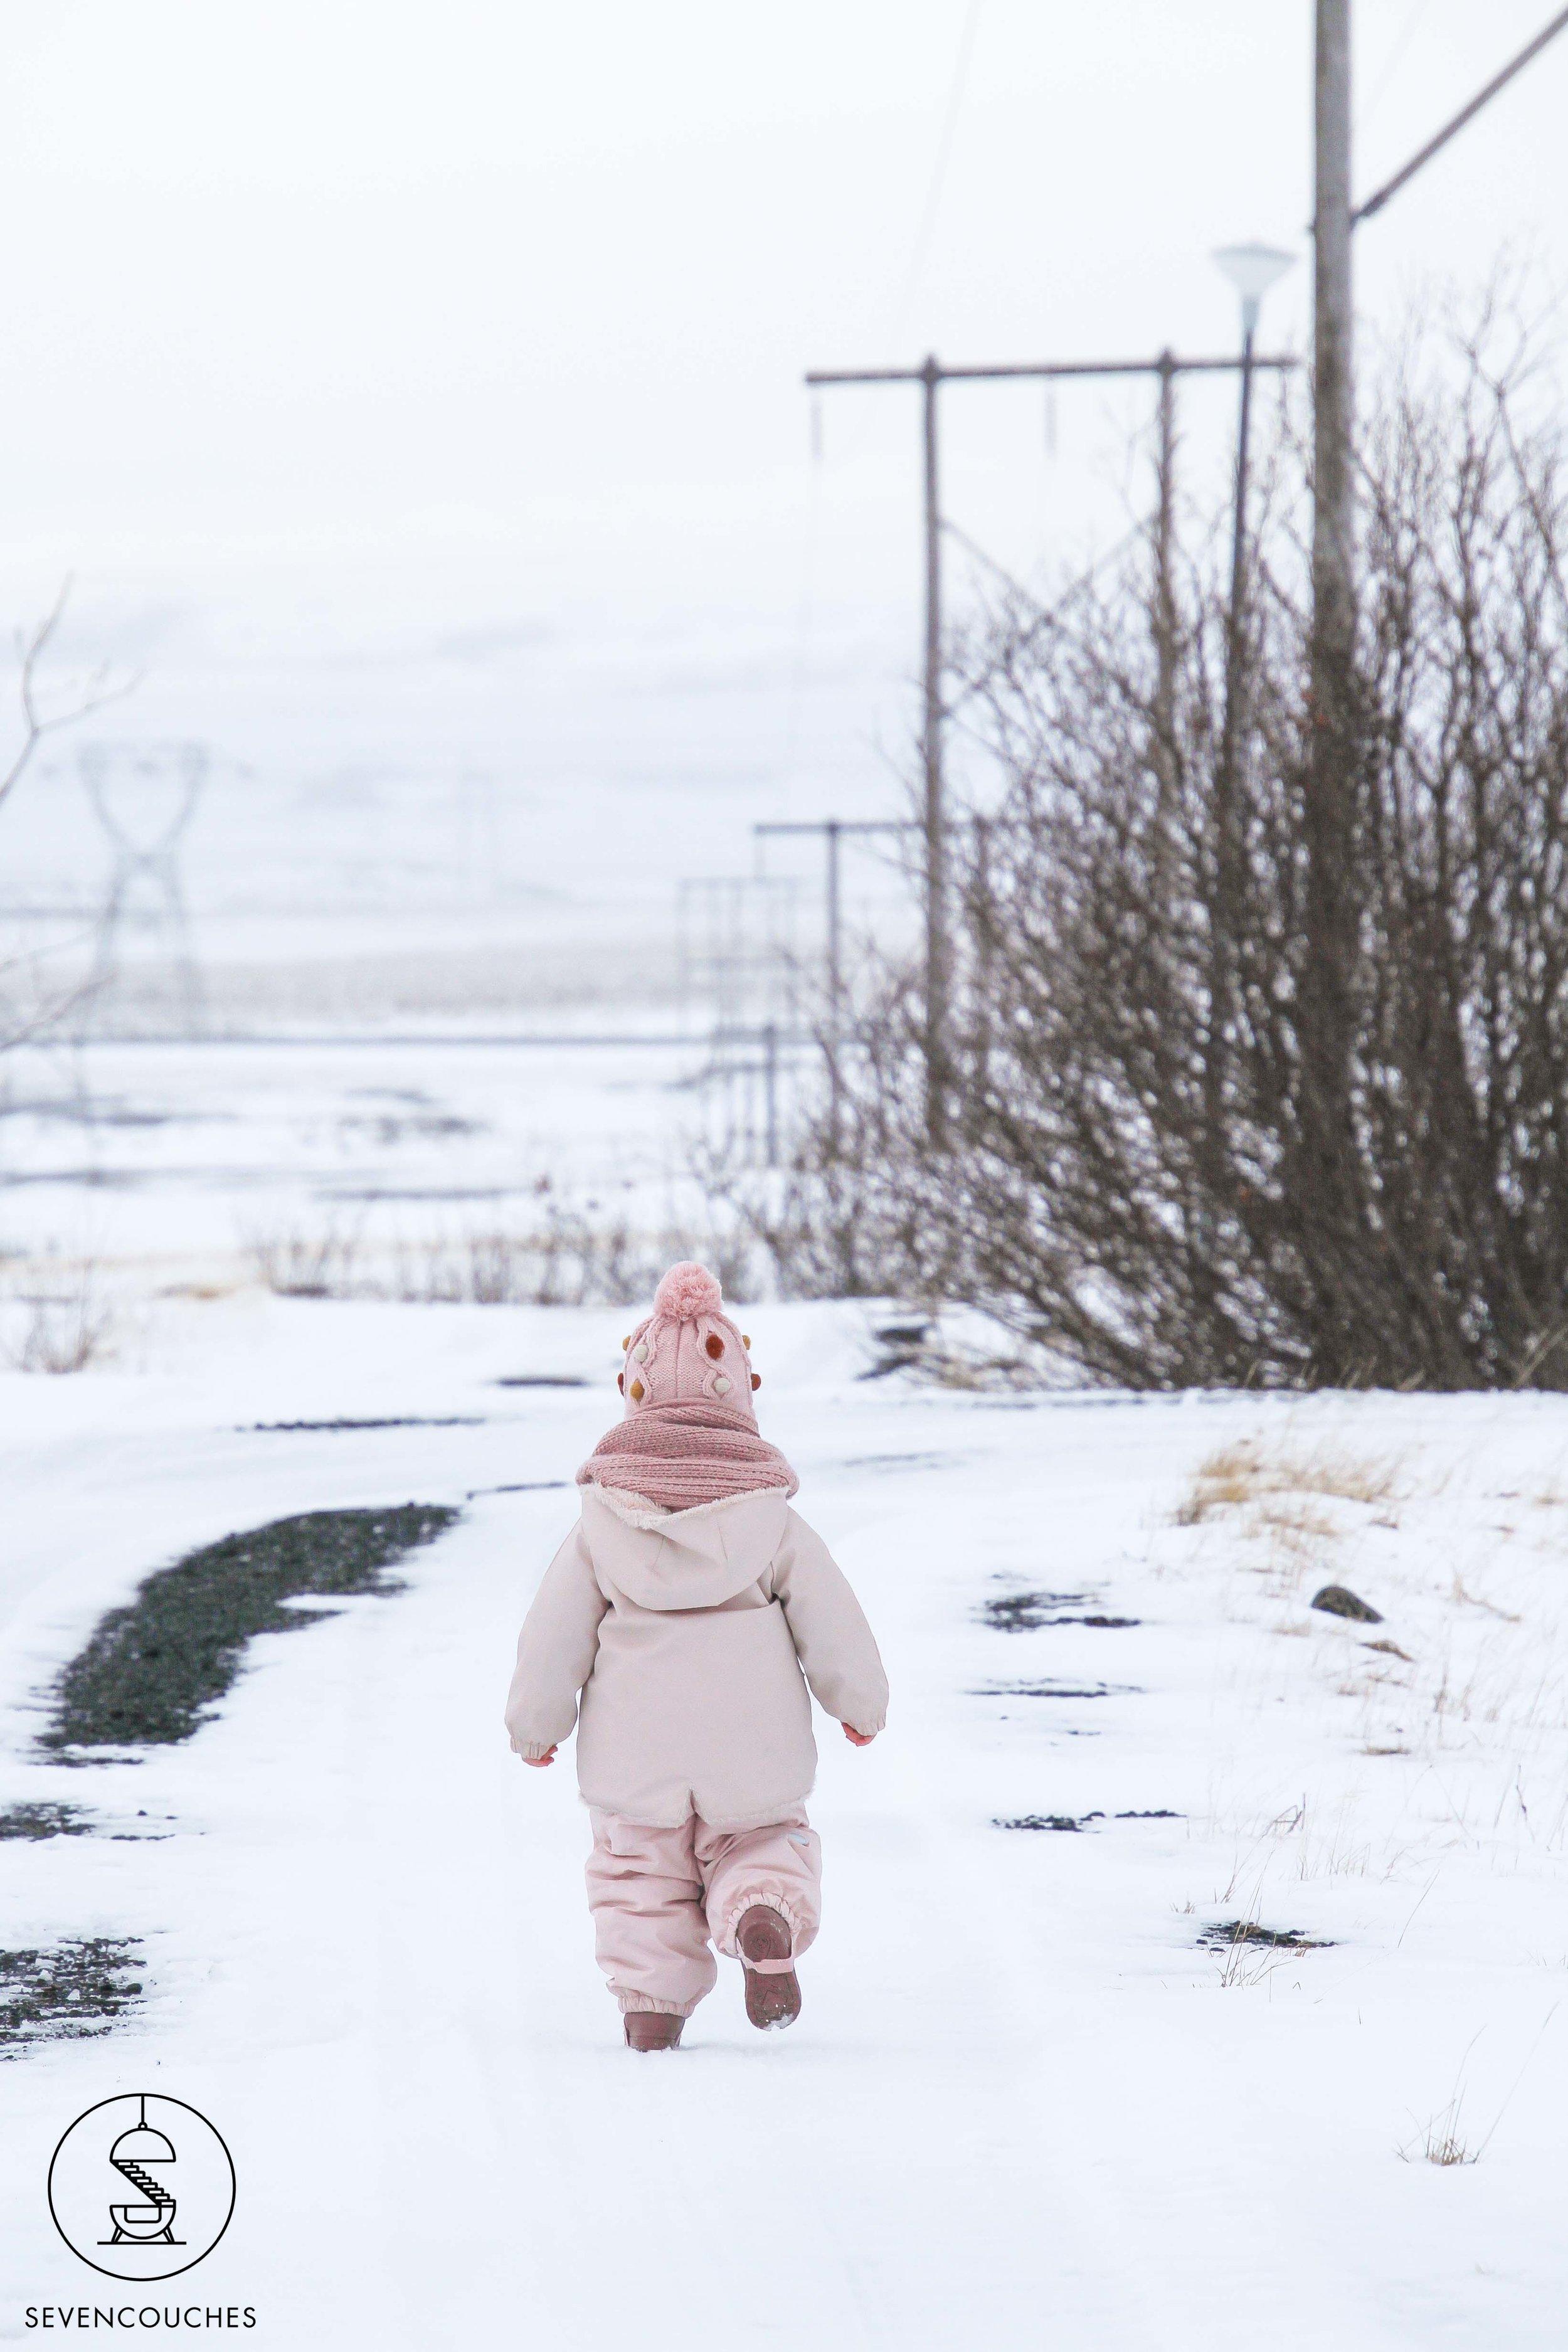 Persoonlijk | Alles over mijn rondreis door het prachtige IJsland (slot)